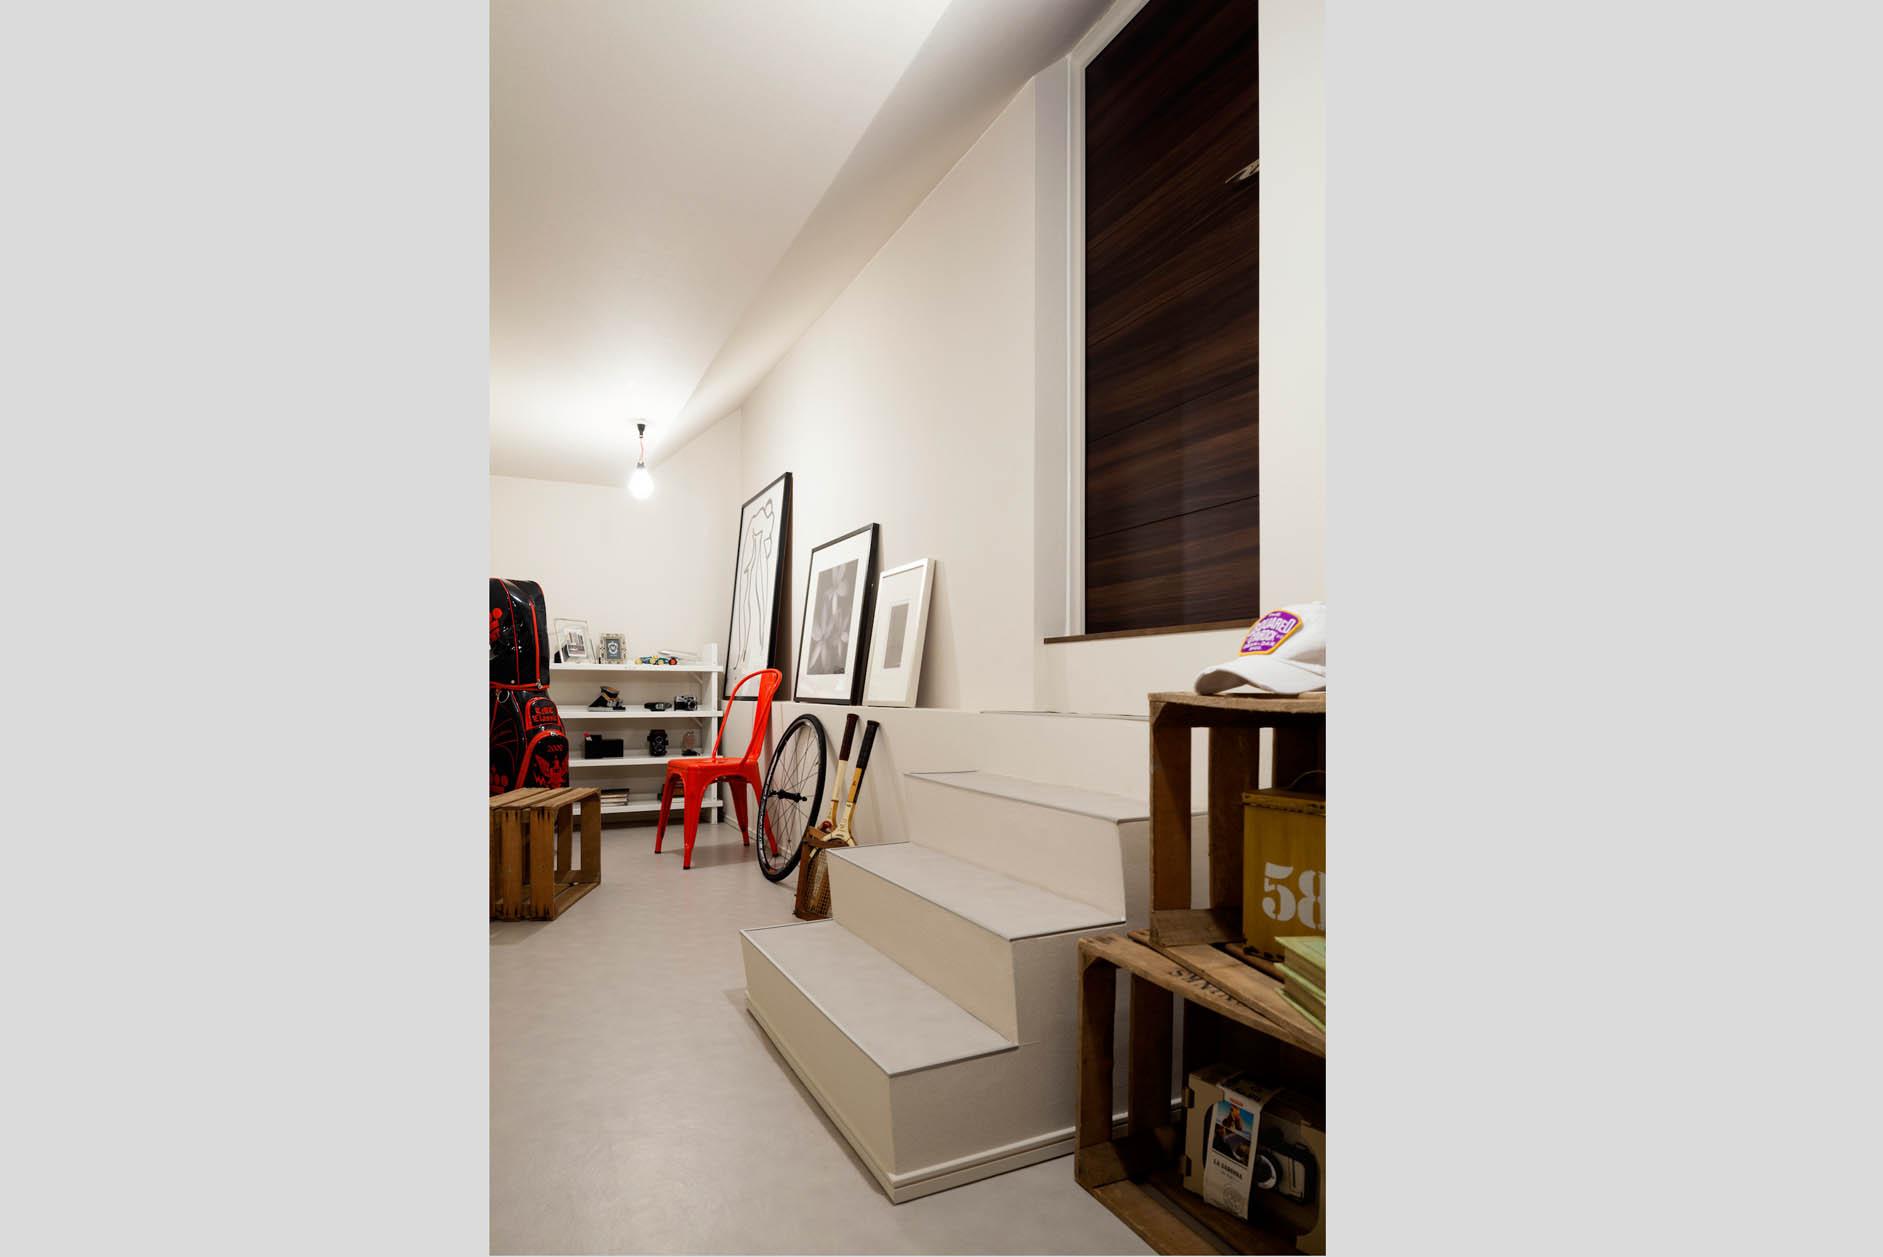 約5.7帖のストレージルームは収納としても趣味の部屋としても使えます。 イメージ